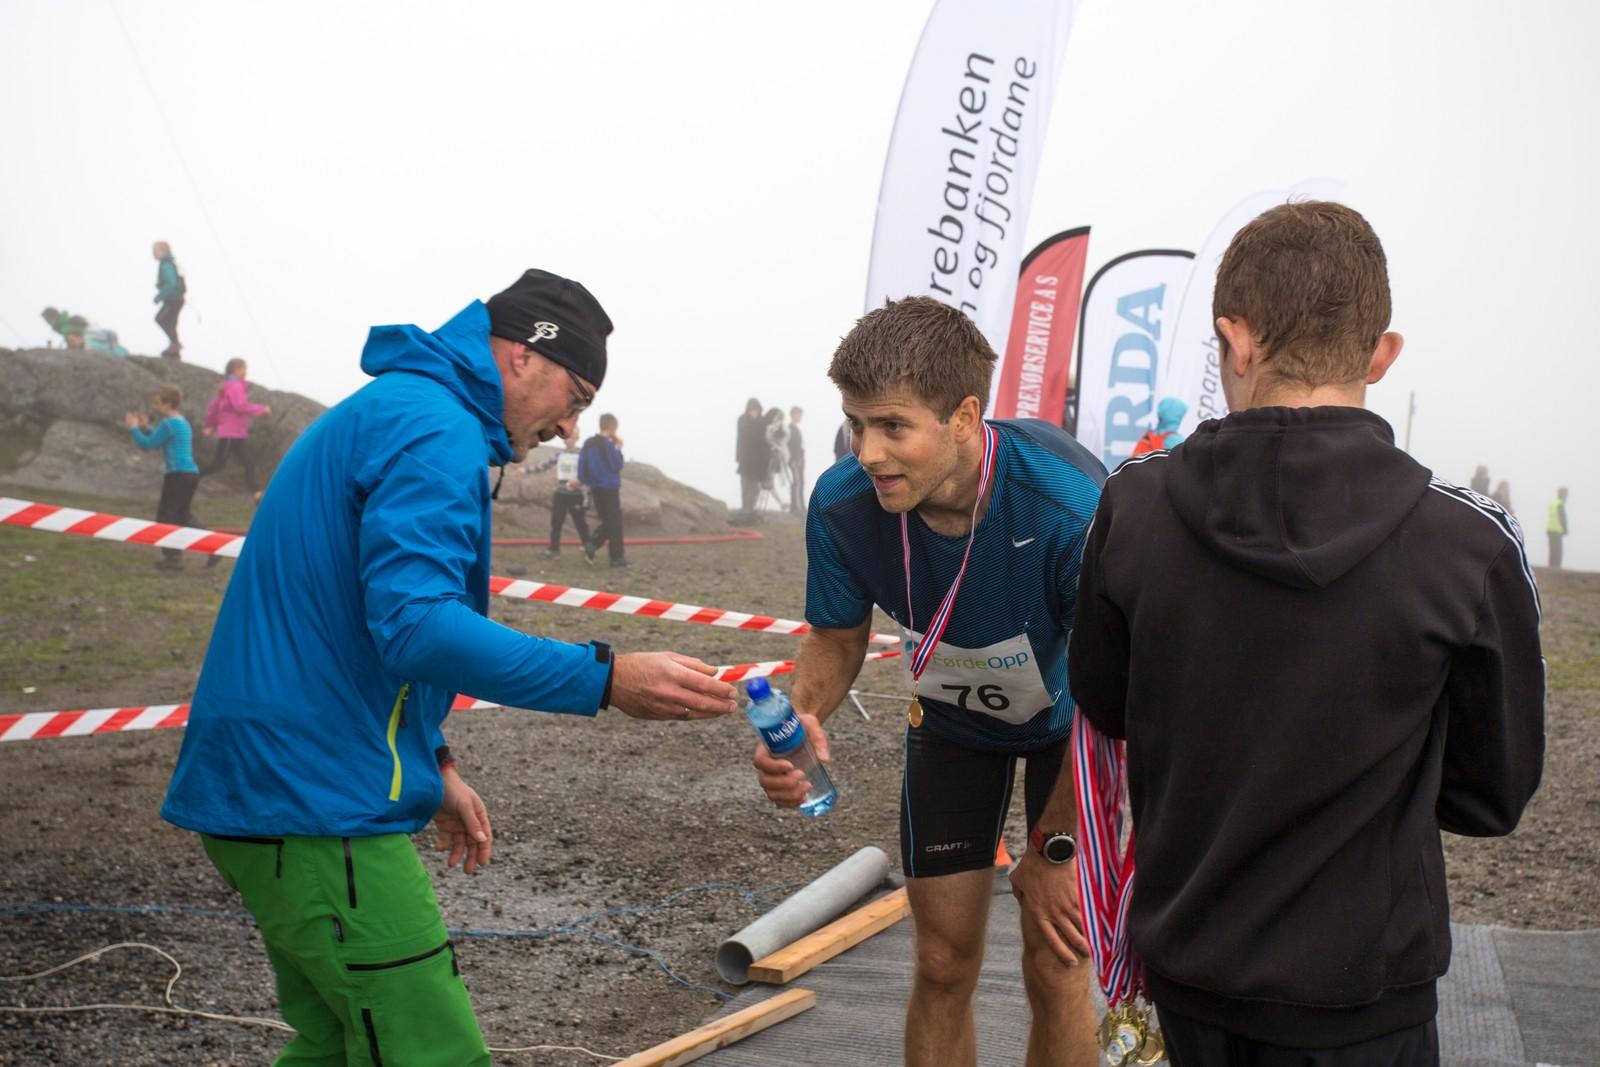 Magnus Hjartås får vatn av støttemannskapet ved målstreken.